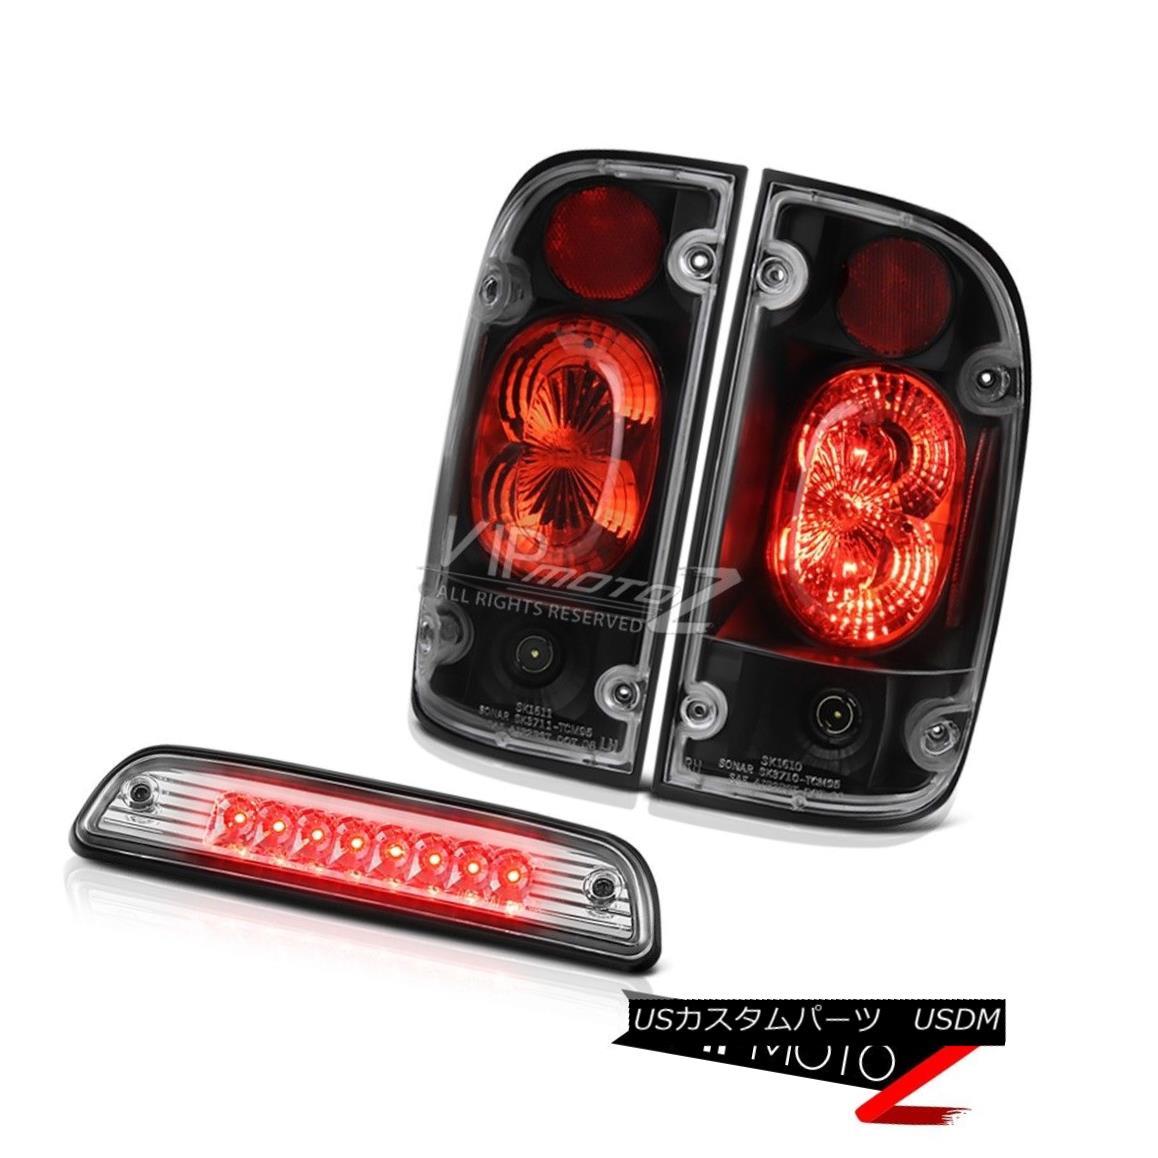 テールライト 01 02 03 04 Toyota Tacoma Limited Roof brake light matte black tail lamps LED 01 02 03 04 Toyota Tacoma LimitedルーフブレーキライトマットブラックテールランプLED